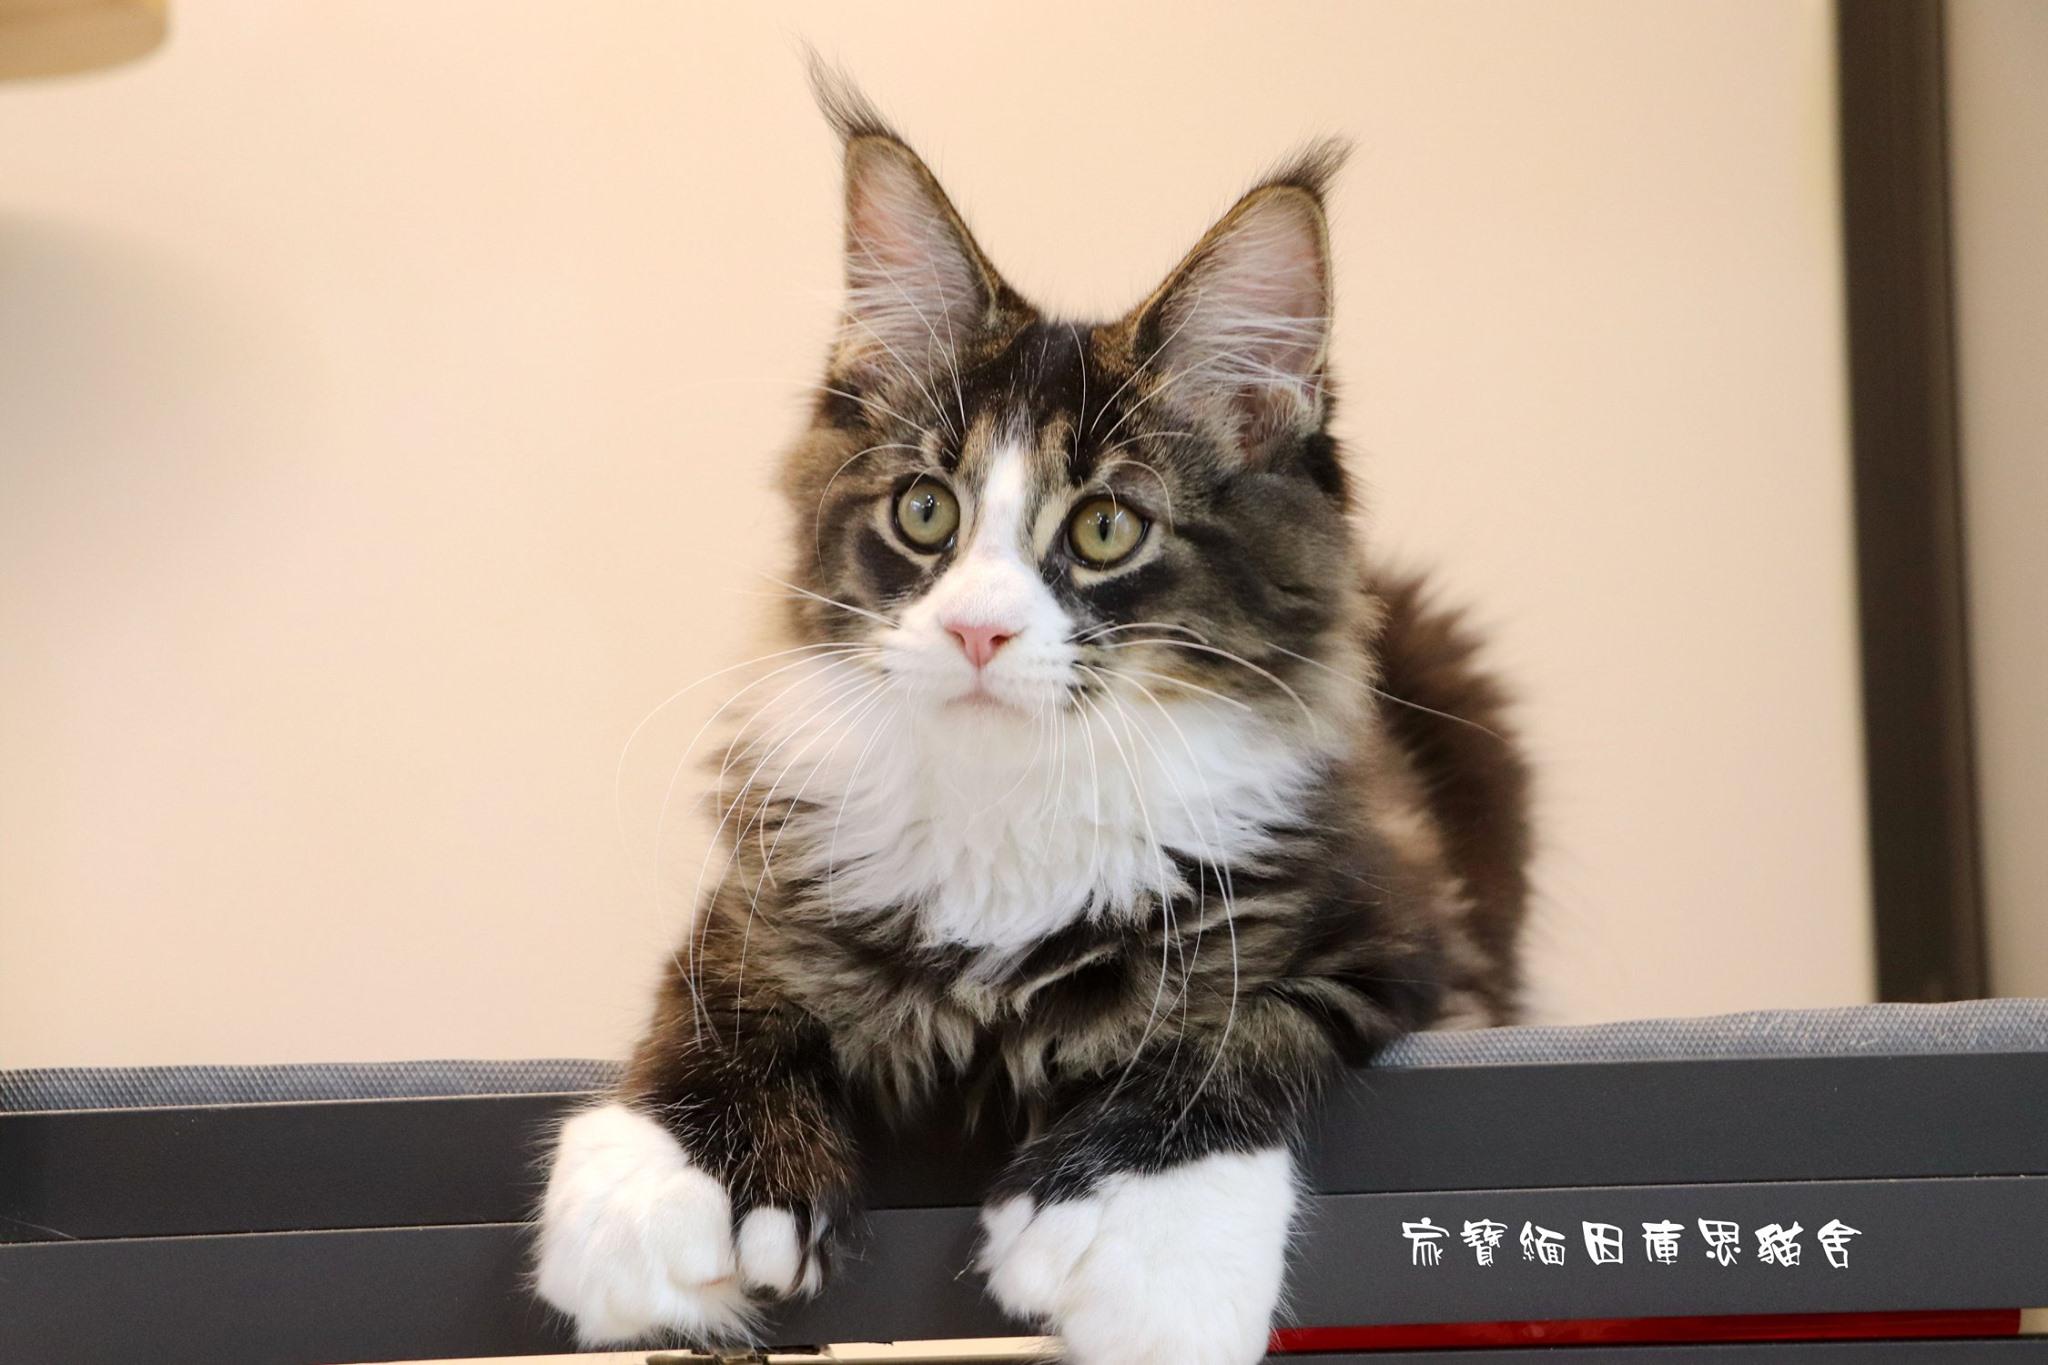 家寶寵物/虎斑賓士緬因貓